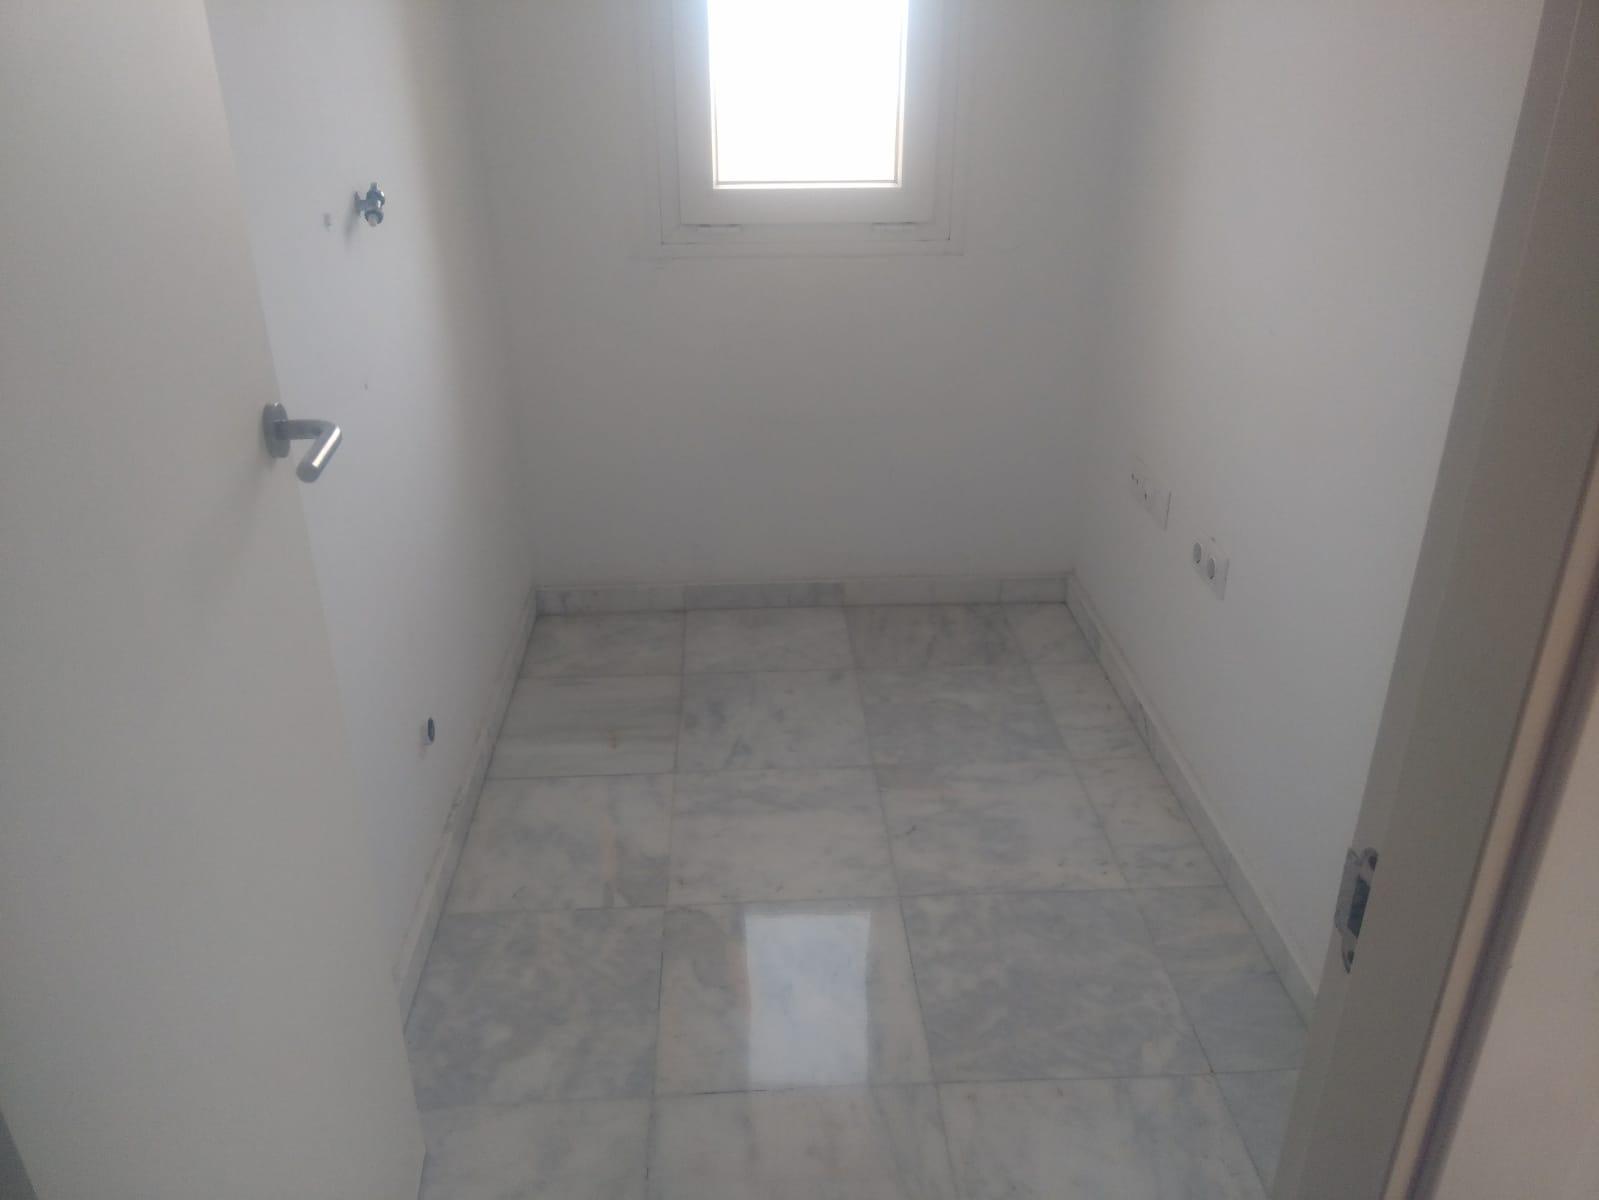 Casa en venta en El Rinconcillo, Algeciras, Cádiz, Calle Cabo de Agua, 105.100 €, 4 habitaciones, 2 baños, 88,48 m2